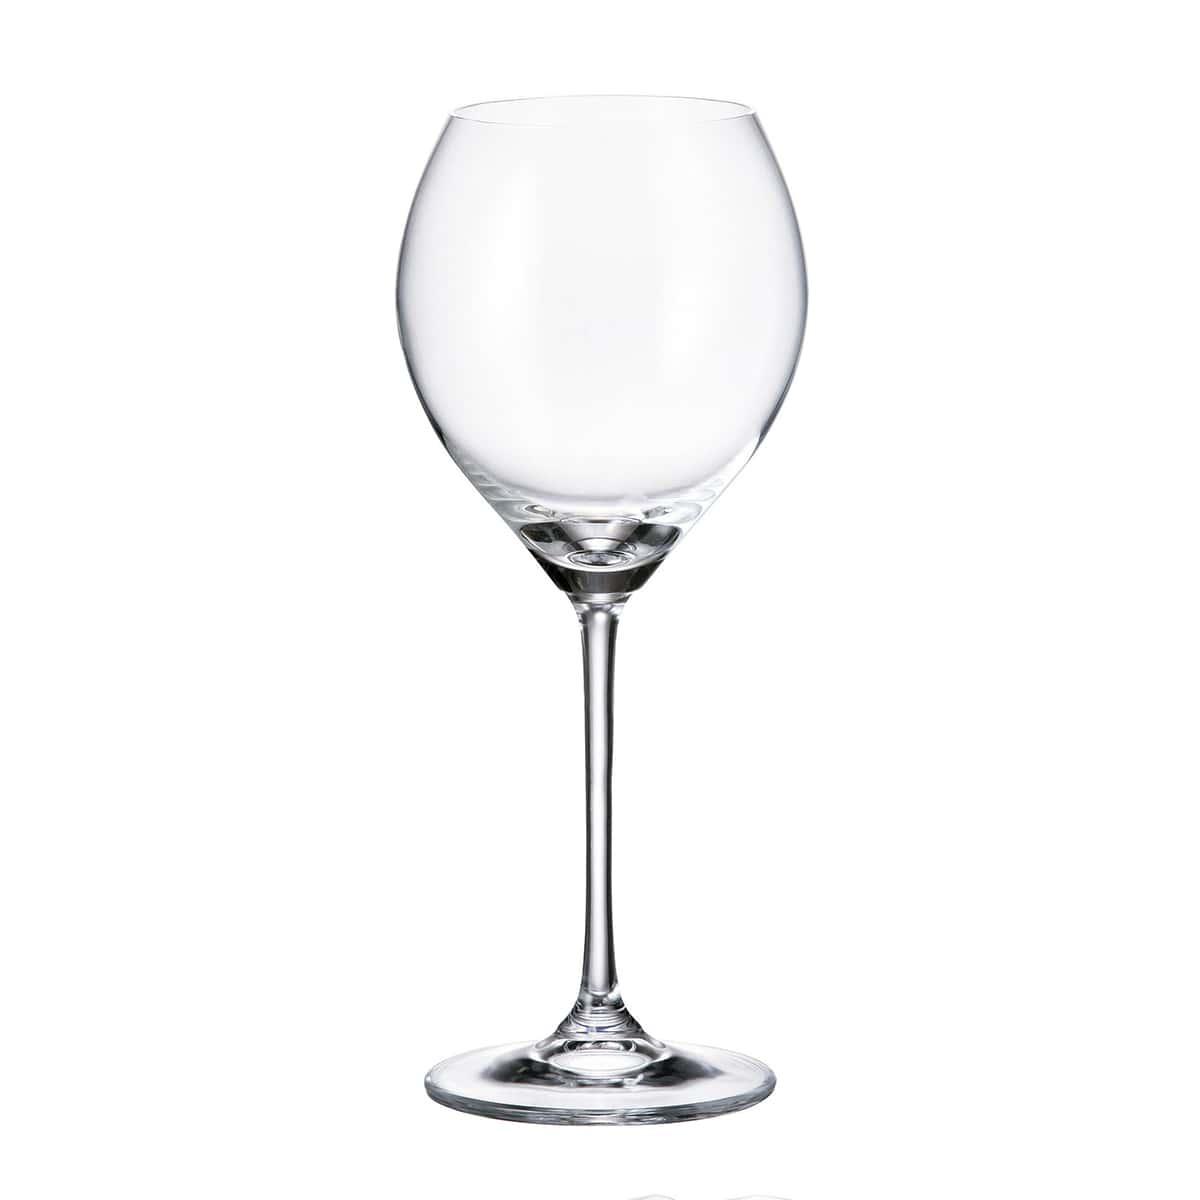 Фужер для вина Carduelis/Cecilia Crystalite Bohemia 390мл(1 шт)